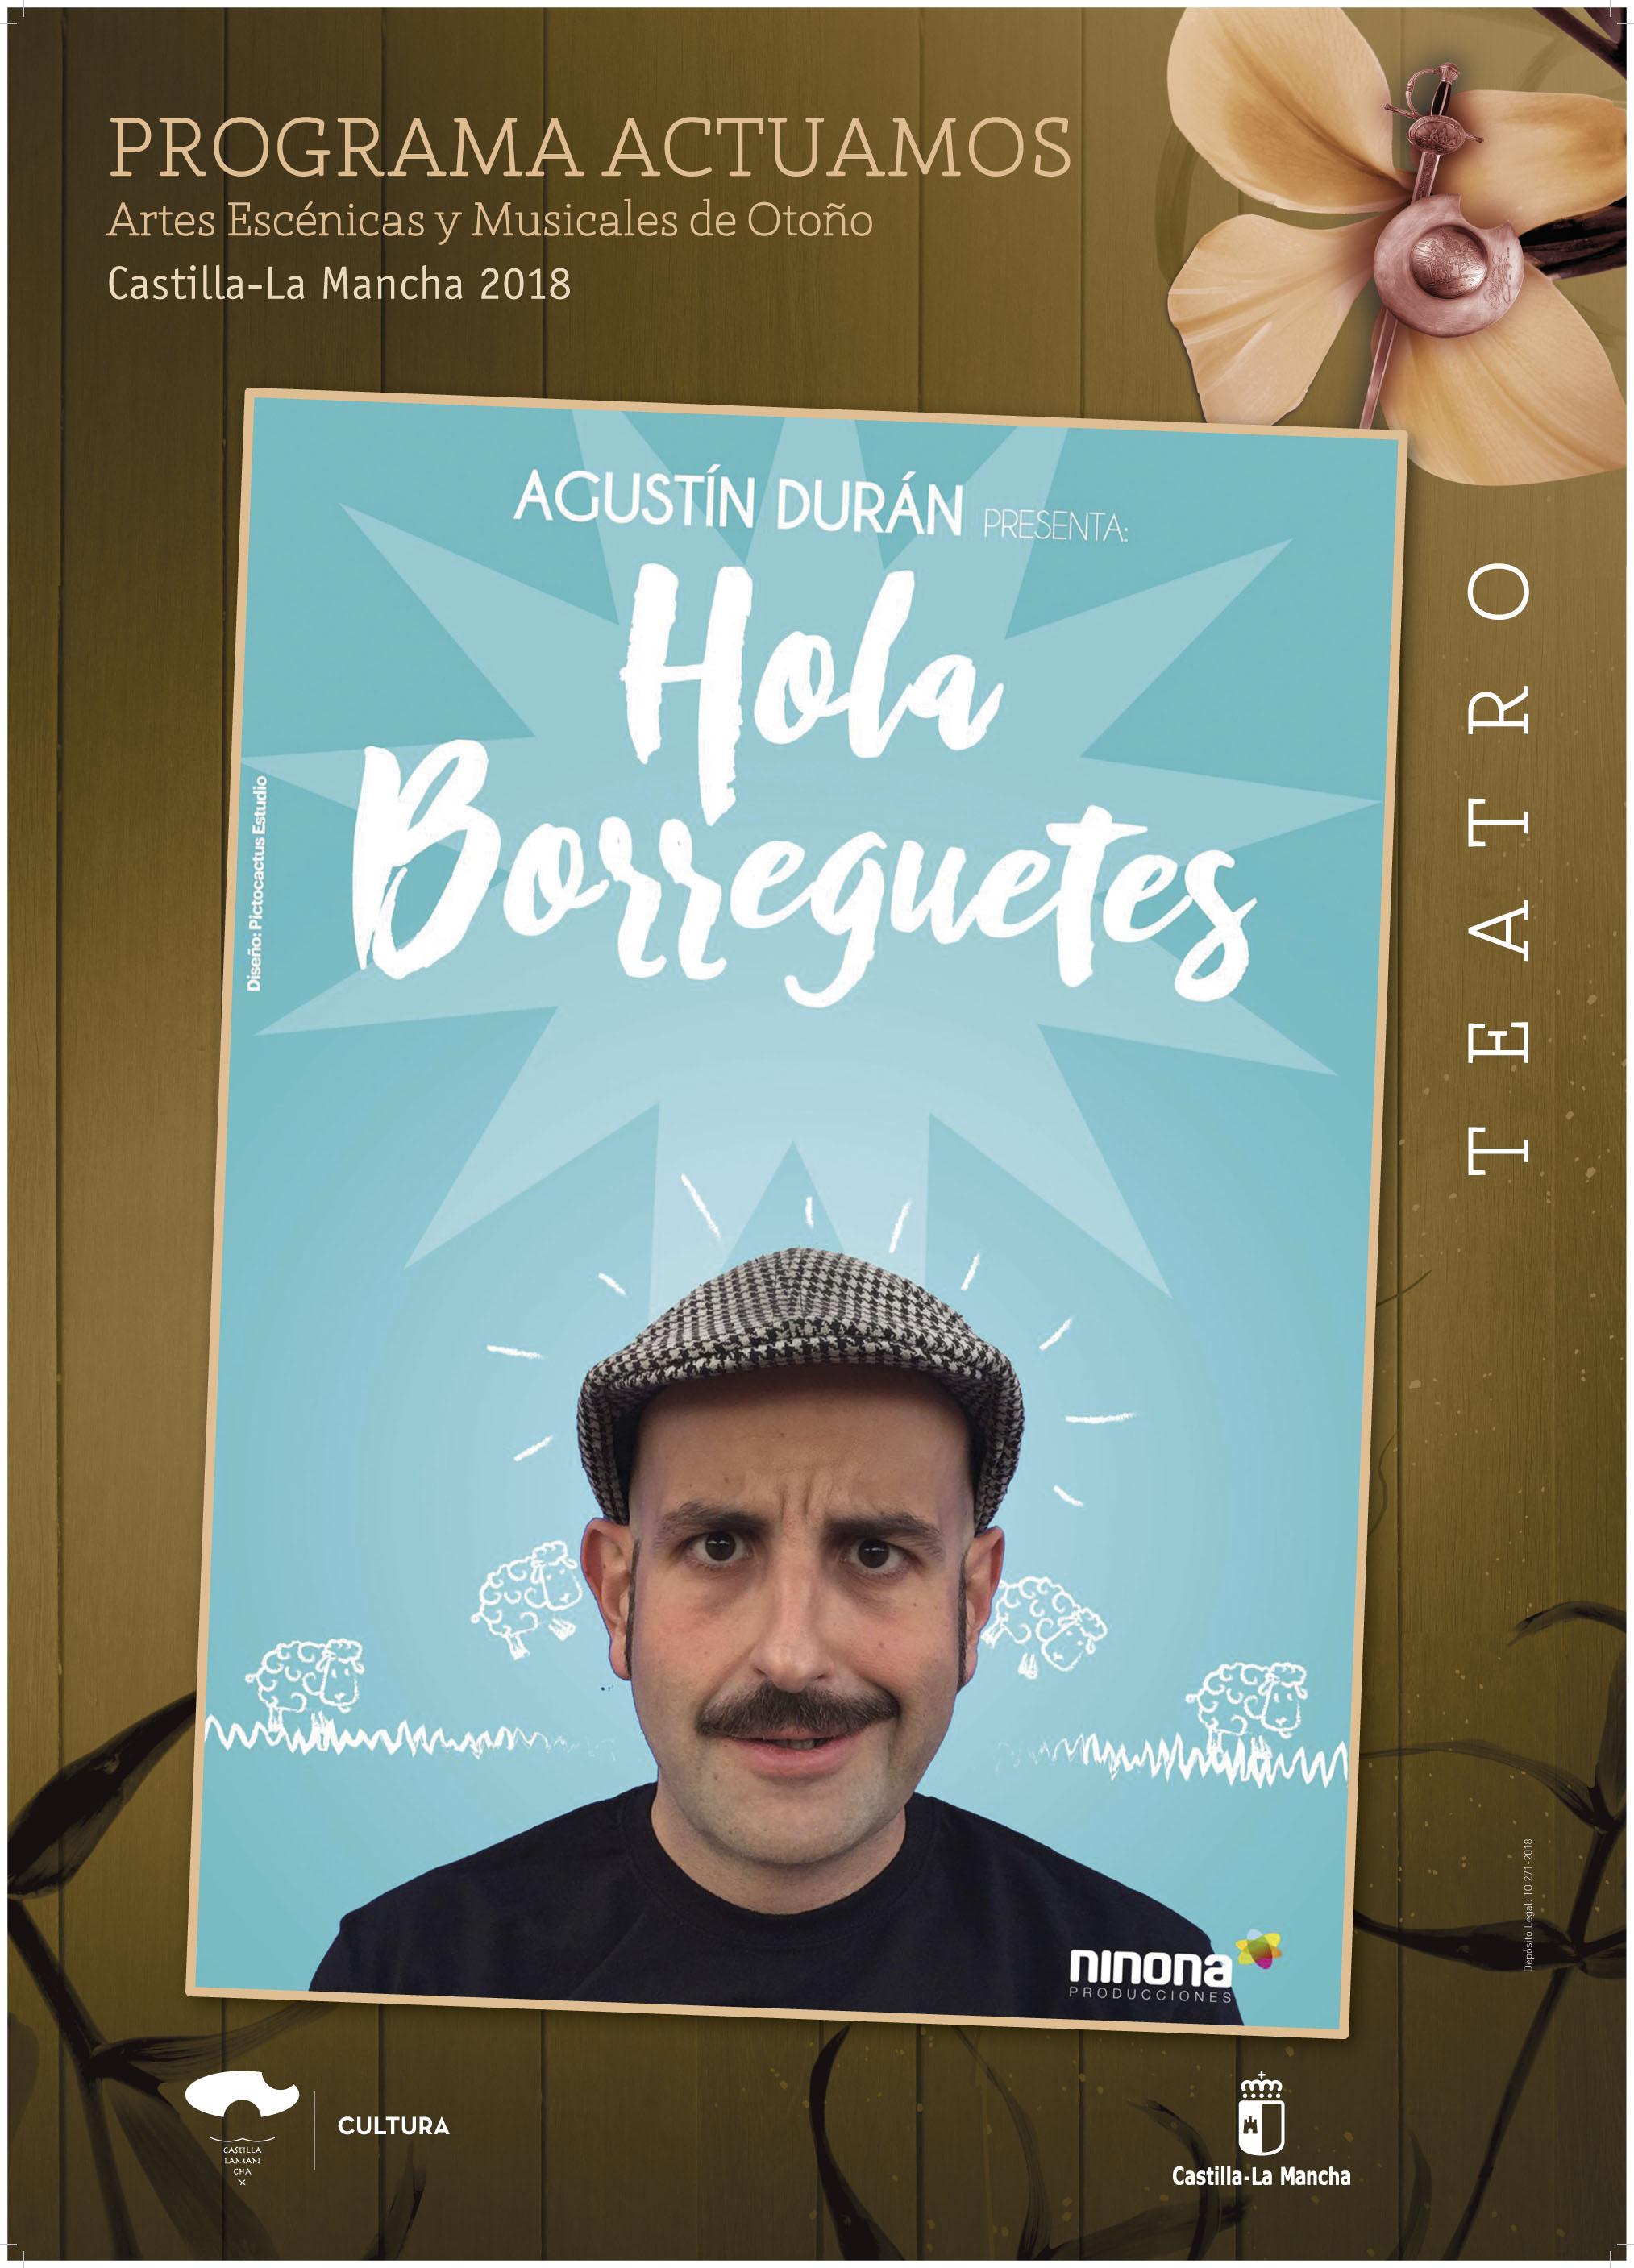 Imagen de la actividad HOLA BORREGUETES (Agustín Durán)